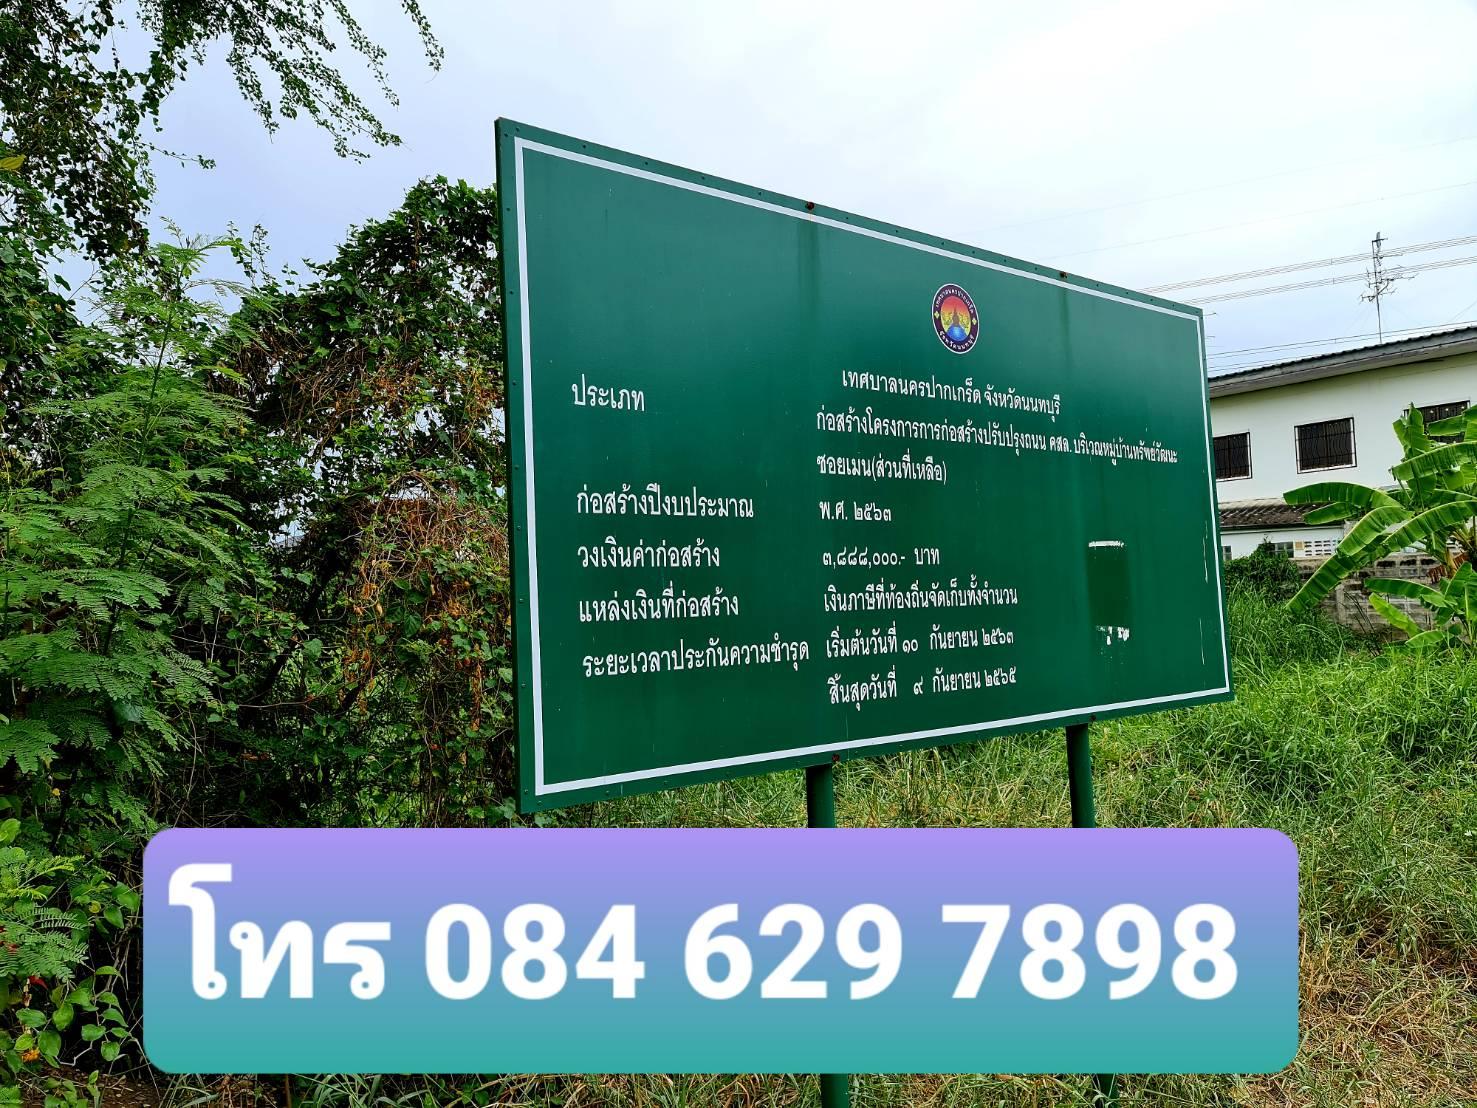 ขายถูก ที่ดิน 206 ตรว  บ้านใหม่  ปากเกร็ด  นนทบุรี